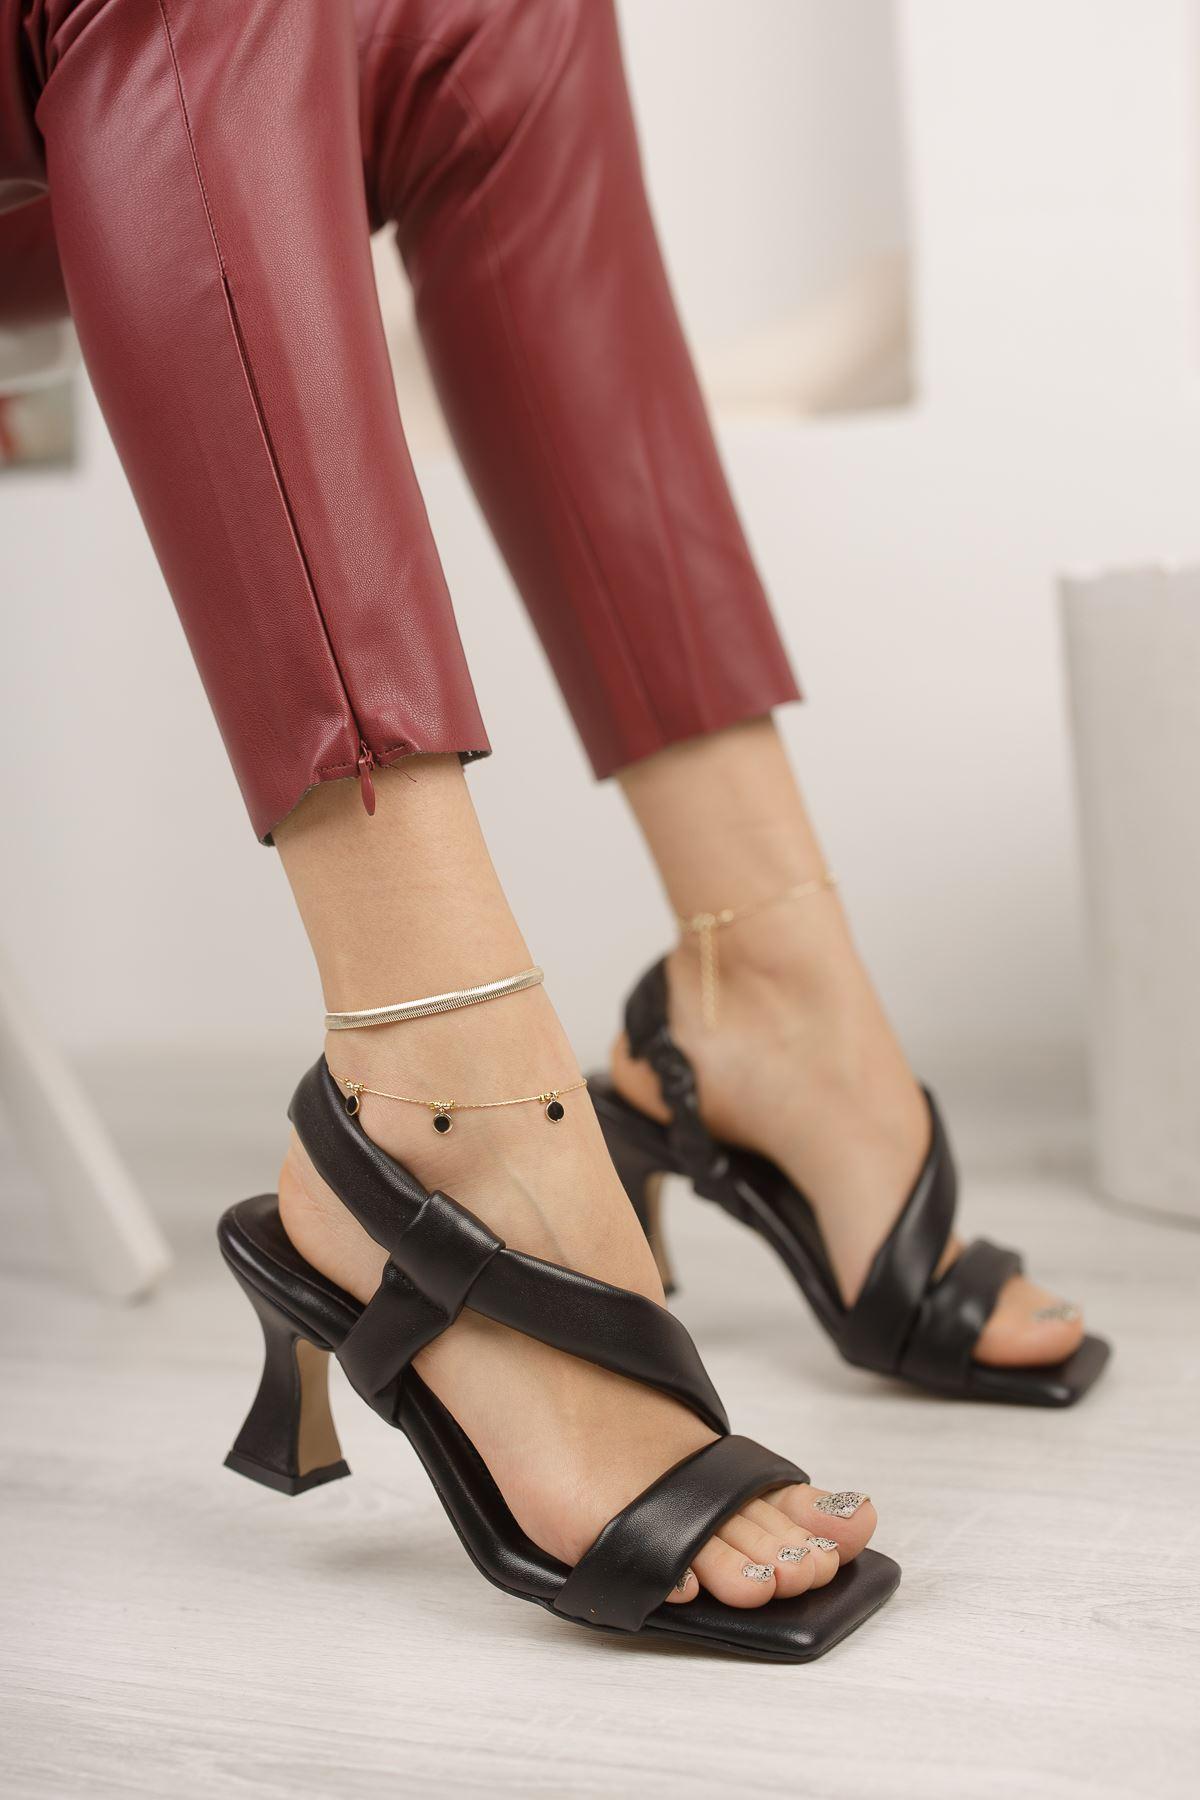 Kadın Naomi Şişme Kemer Detaylı Siyah Topuklu Ayakkabı